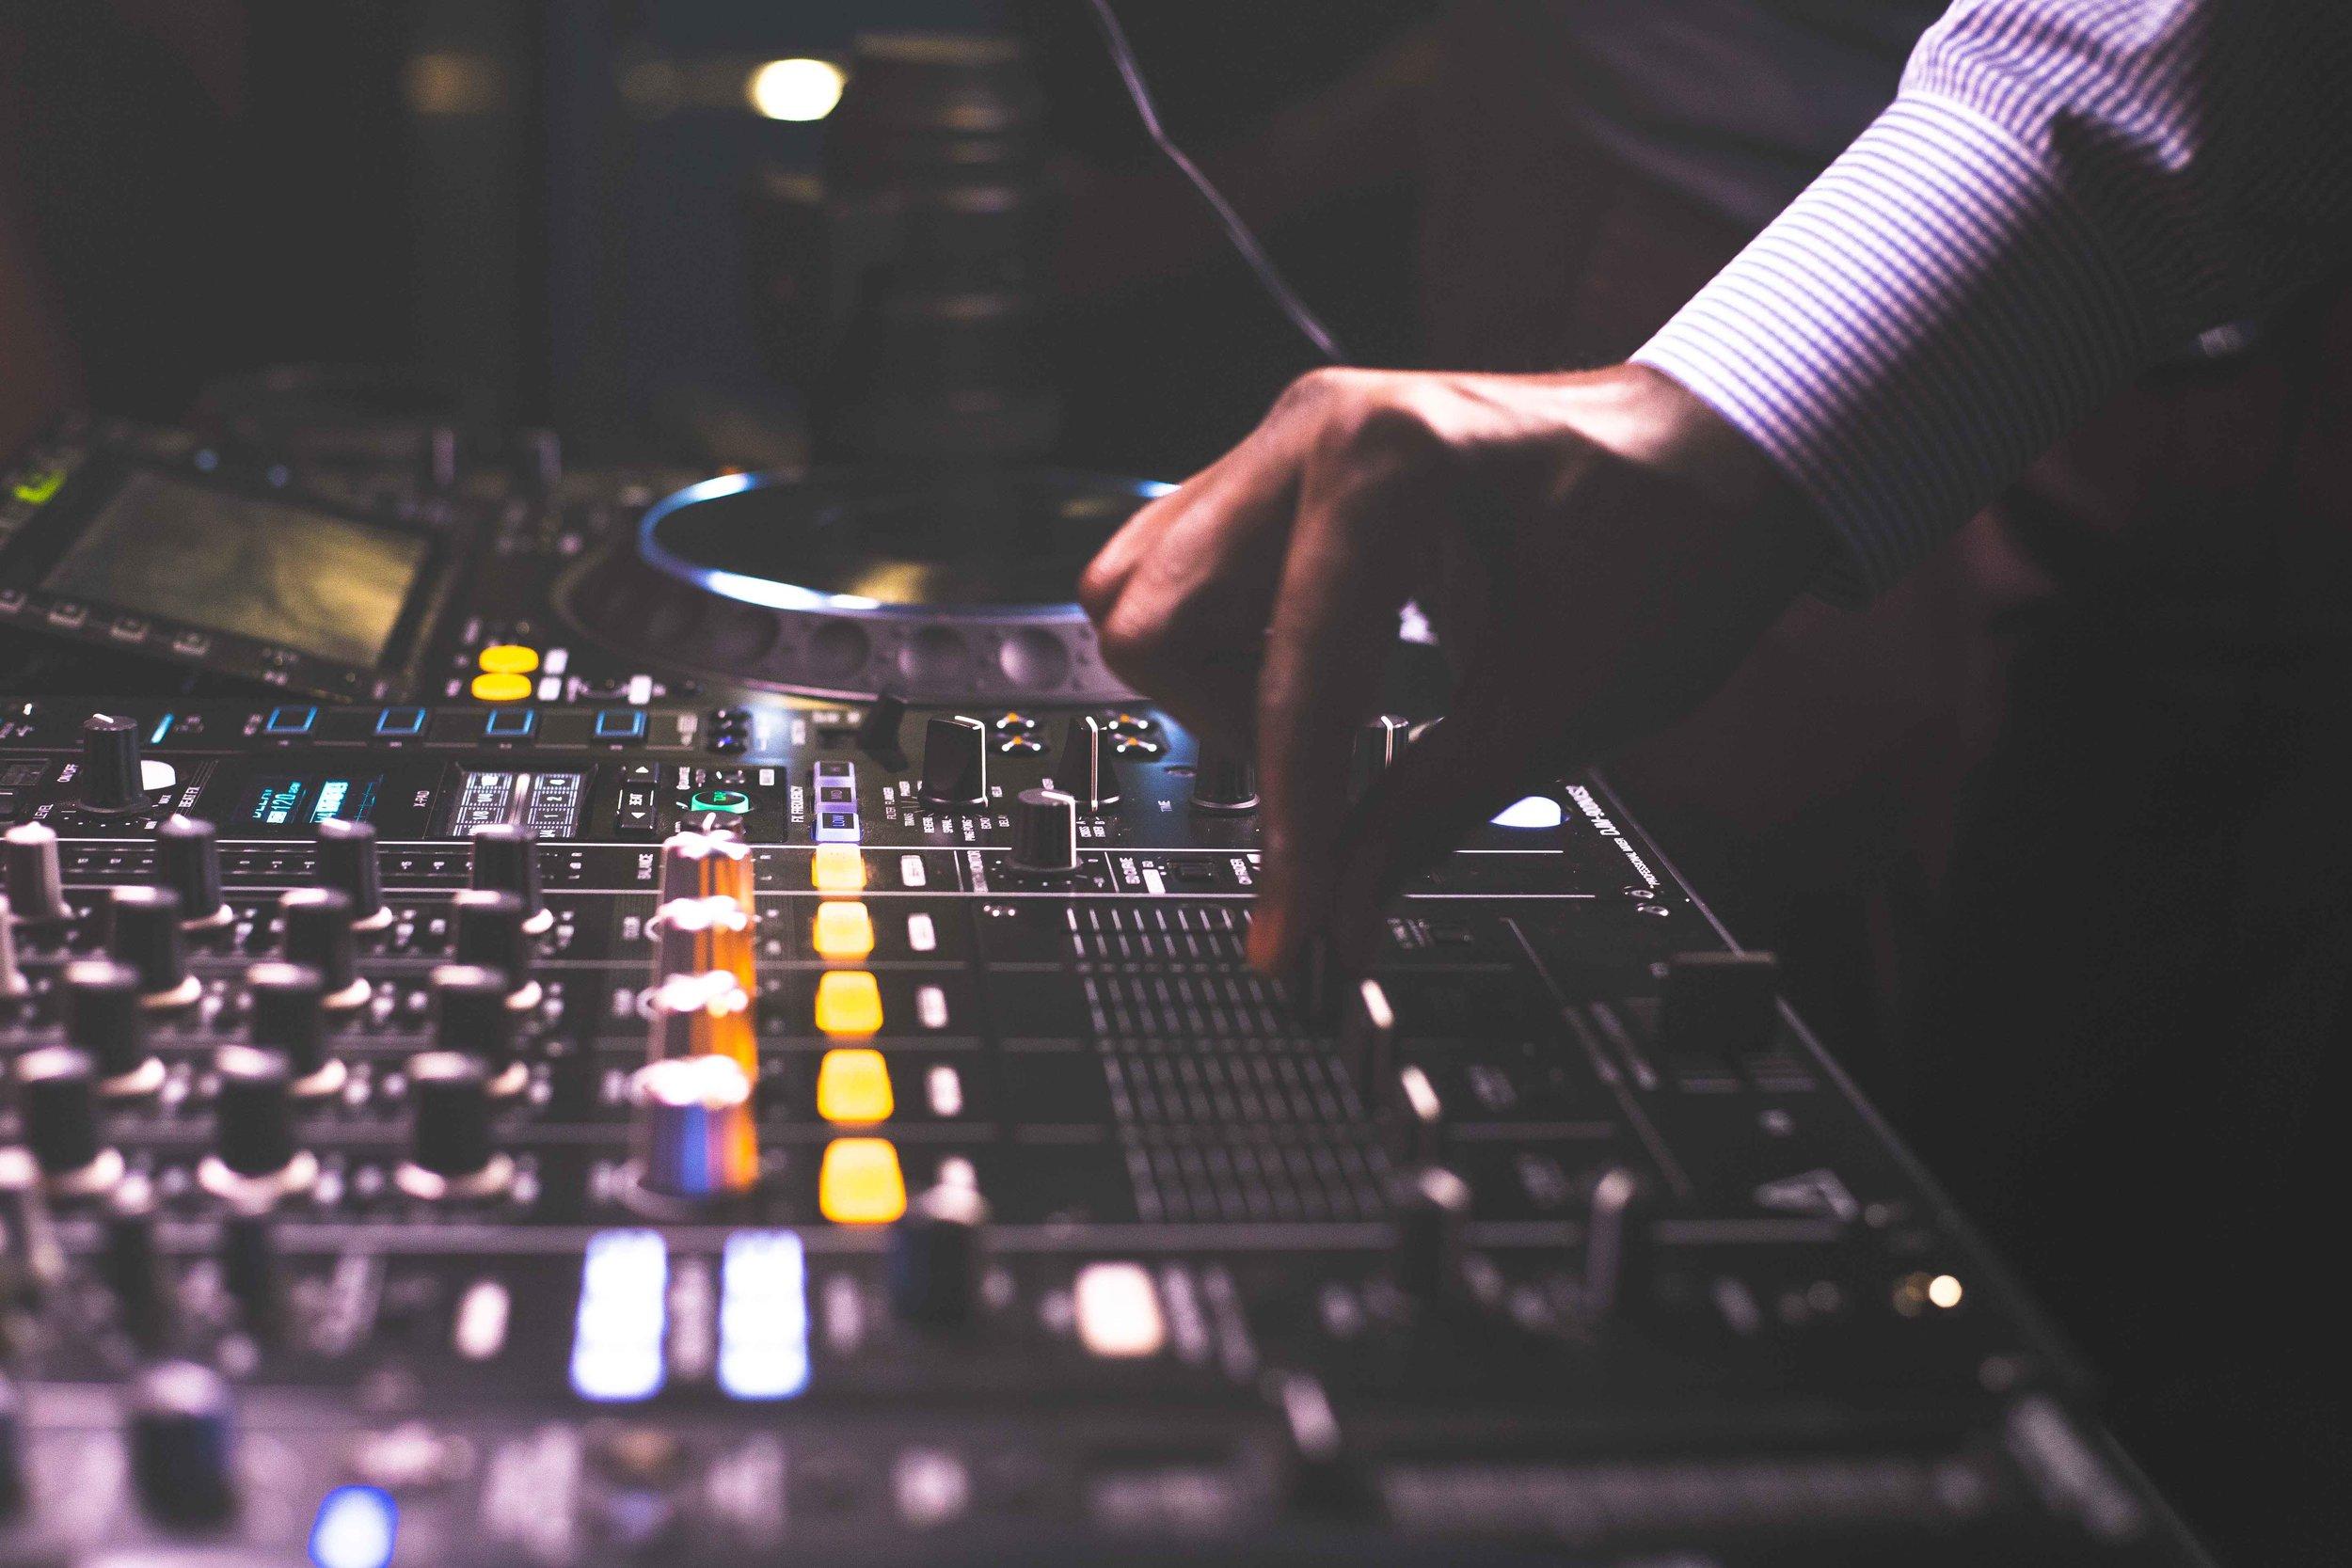 CDJ & Mixer Rental - $300 - 24hr ( 2 Pioneer DJ CDJ-2000NXS2 & Pioneer DJ DJM-900NXS2 4-channel DJ Mixer)